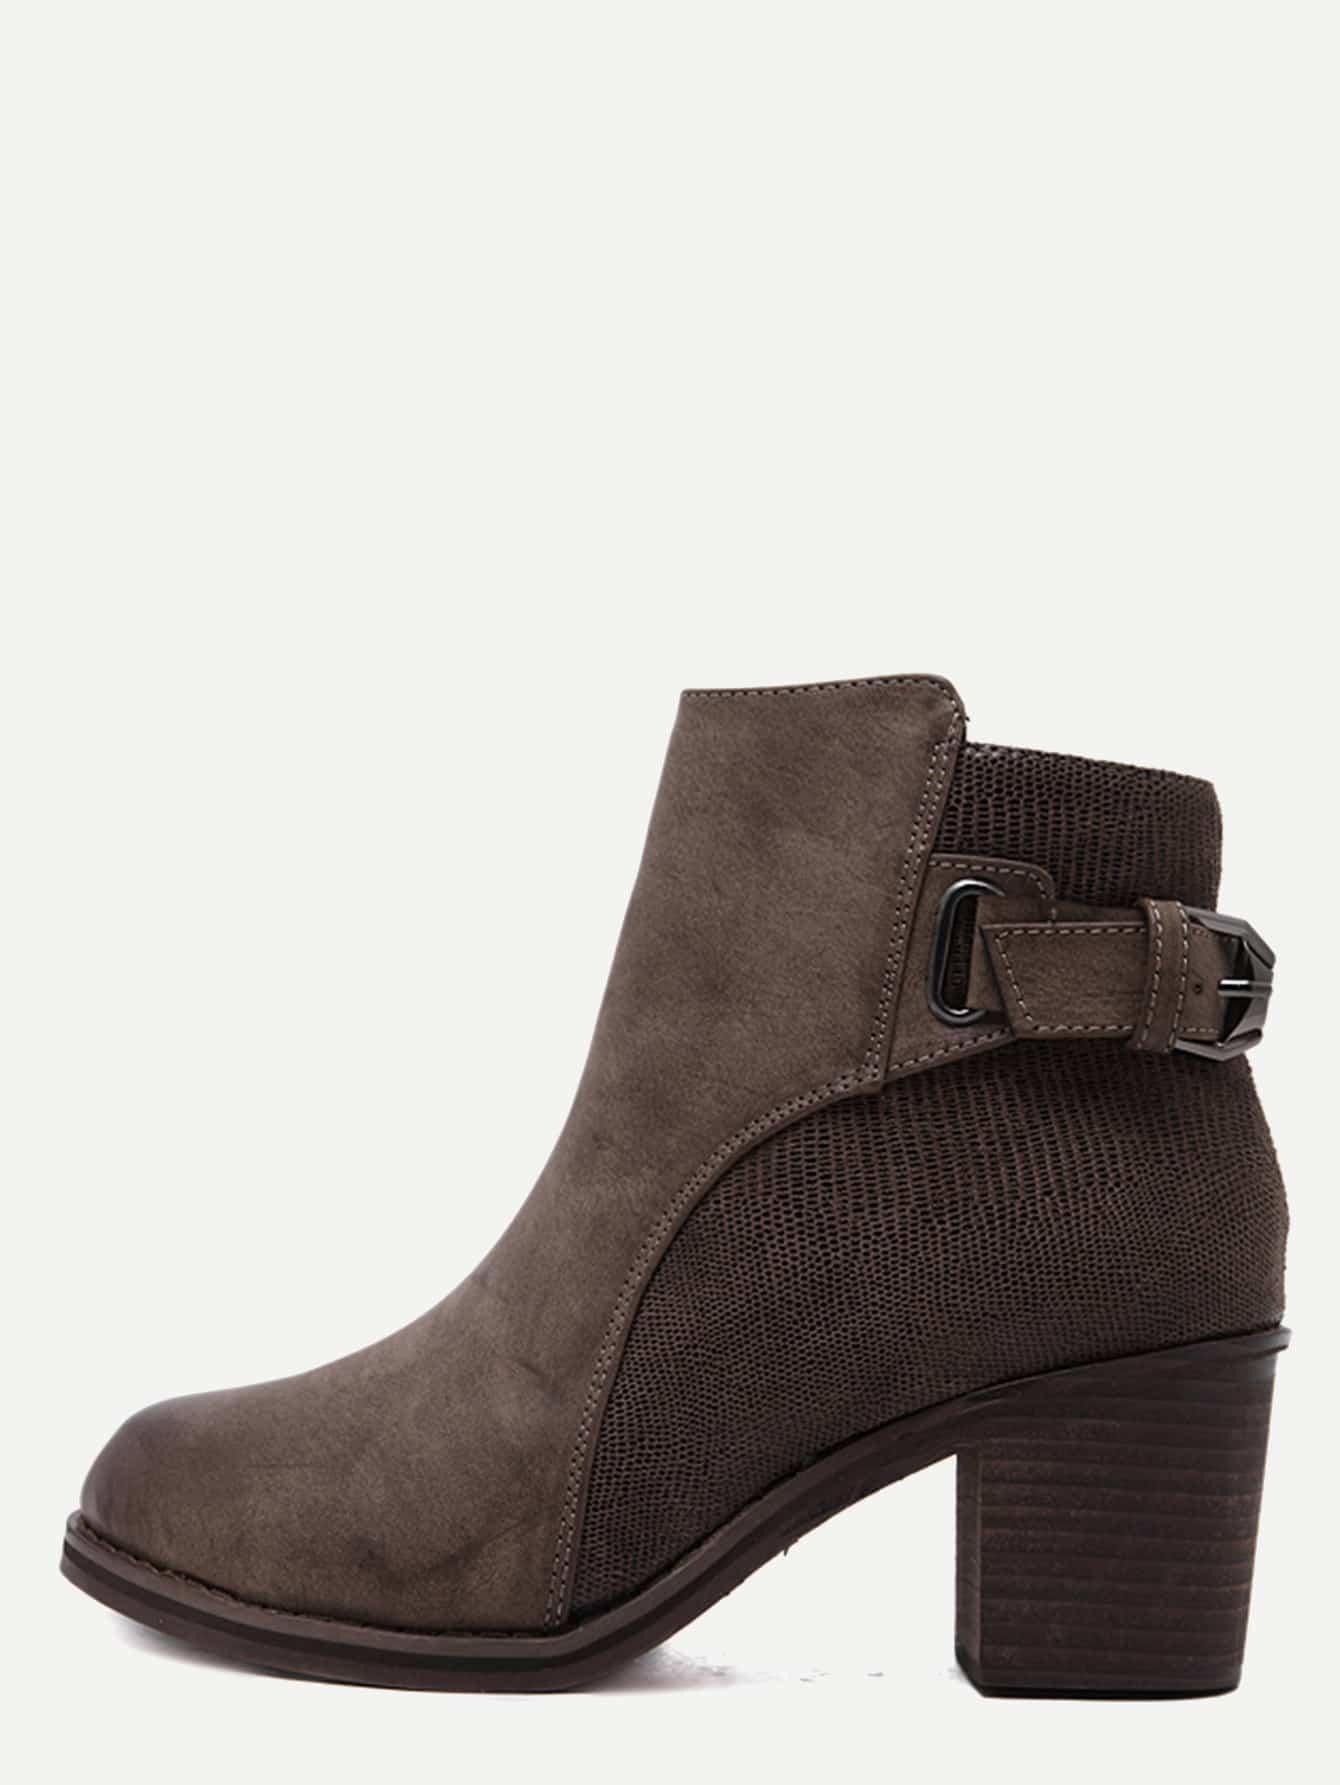 Brown Sneakerskin Leather Embellished Buckle Strap Cork Heel Booties shoes161028812